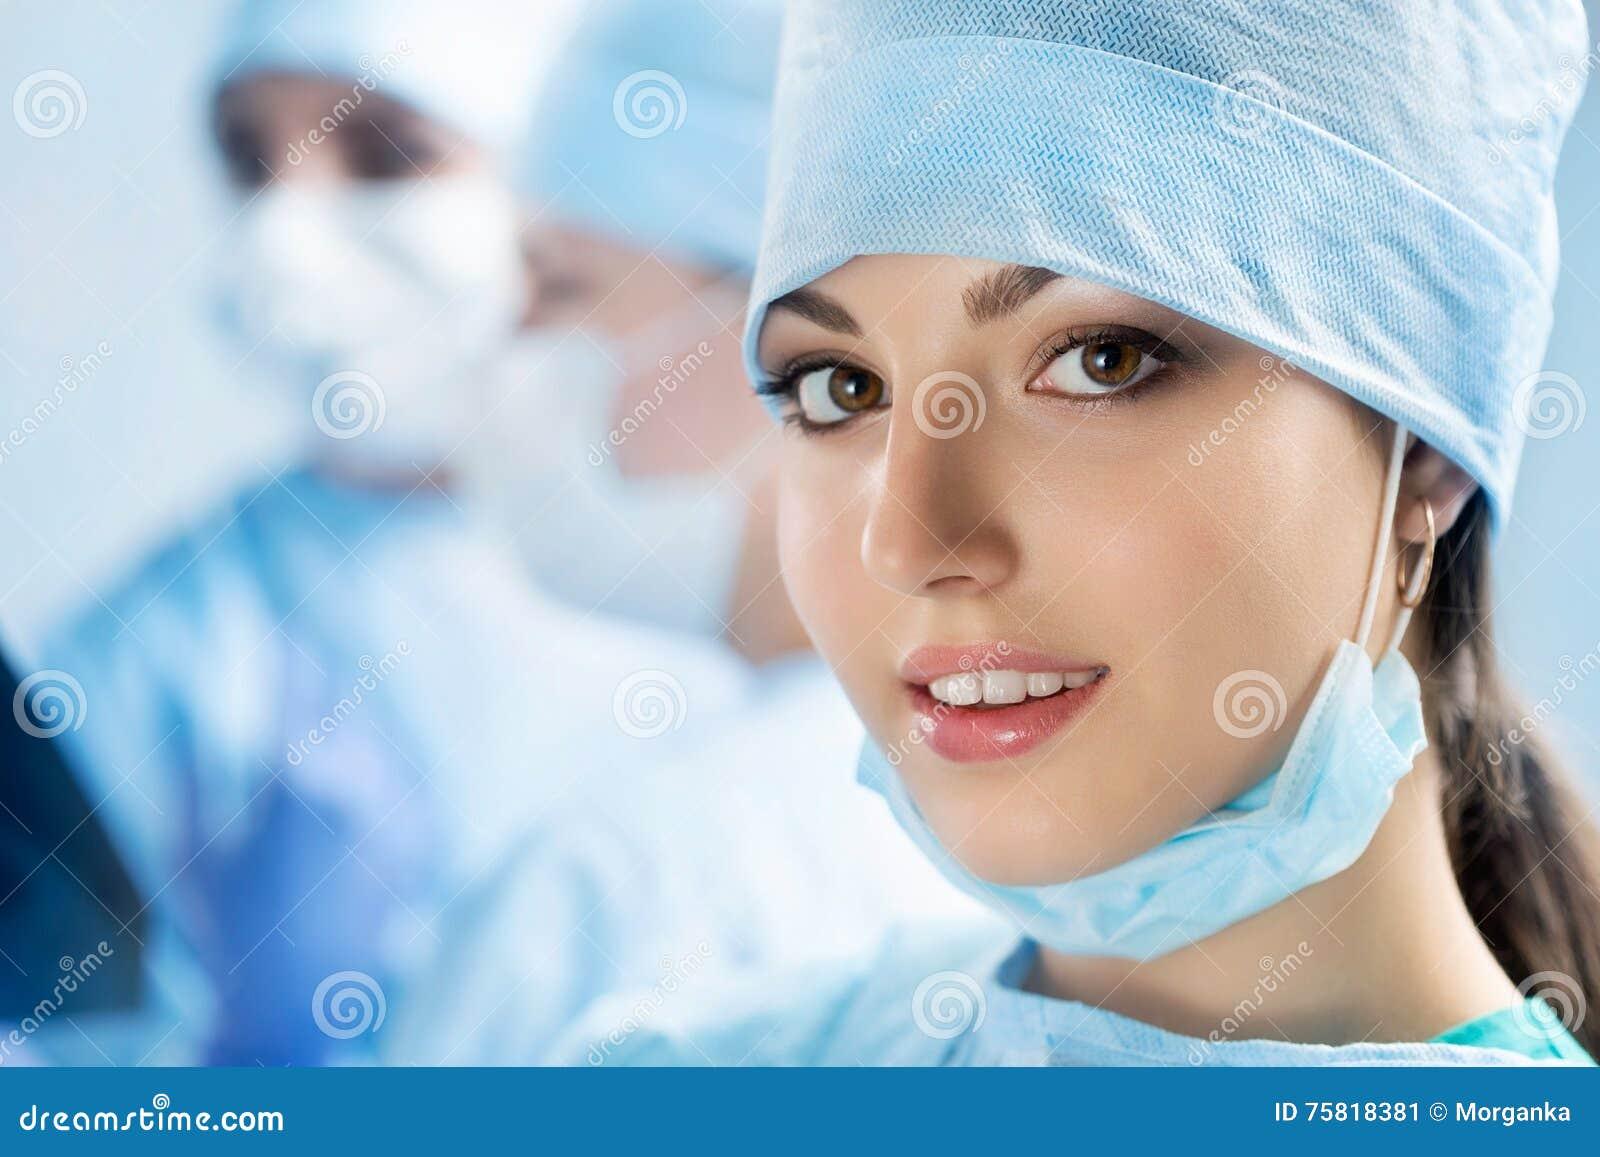 愉快的年轻女性外科医生或实习生画象